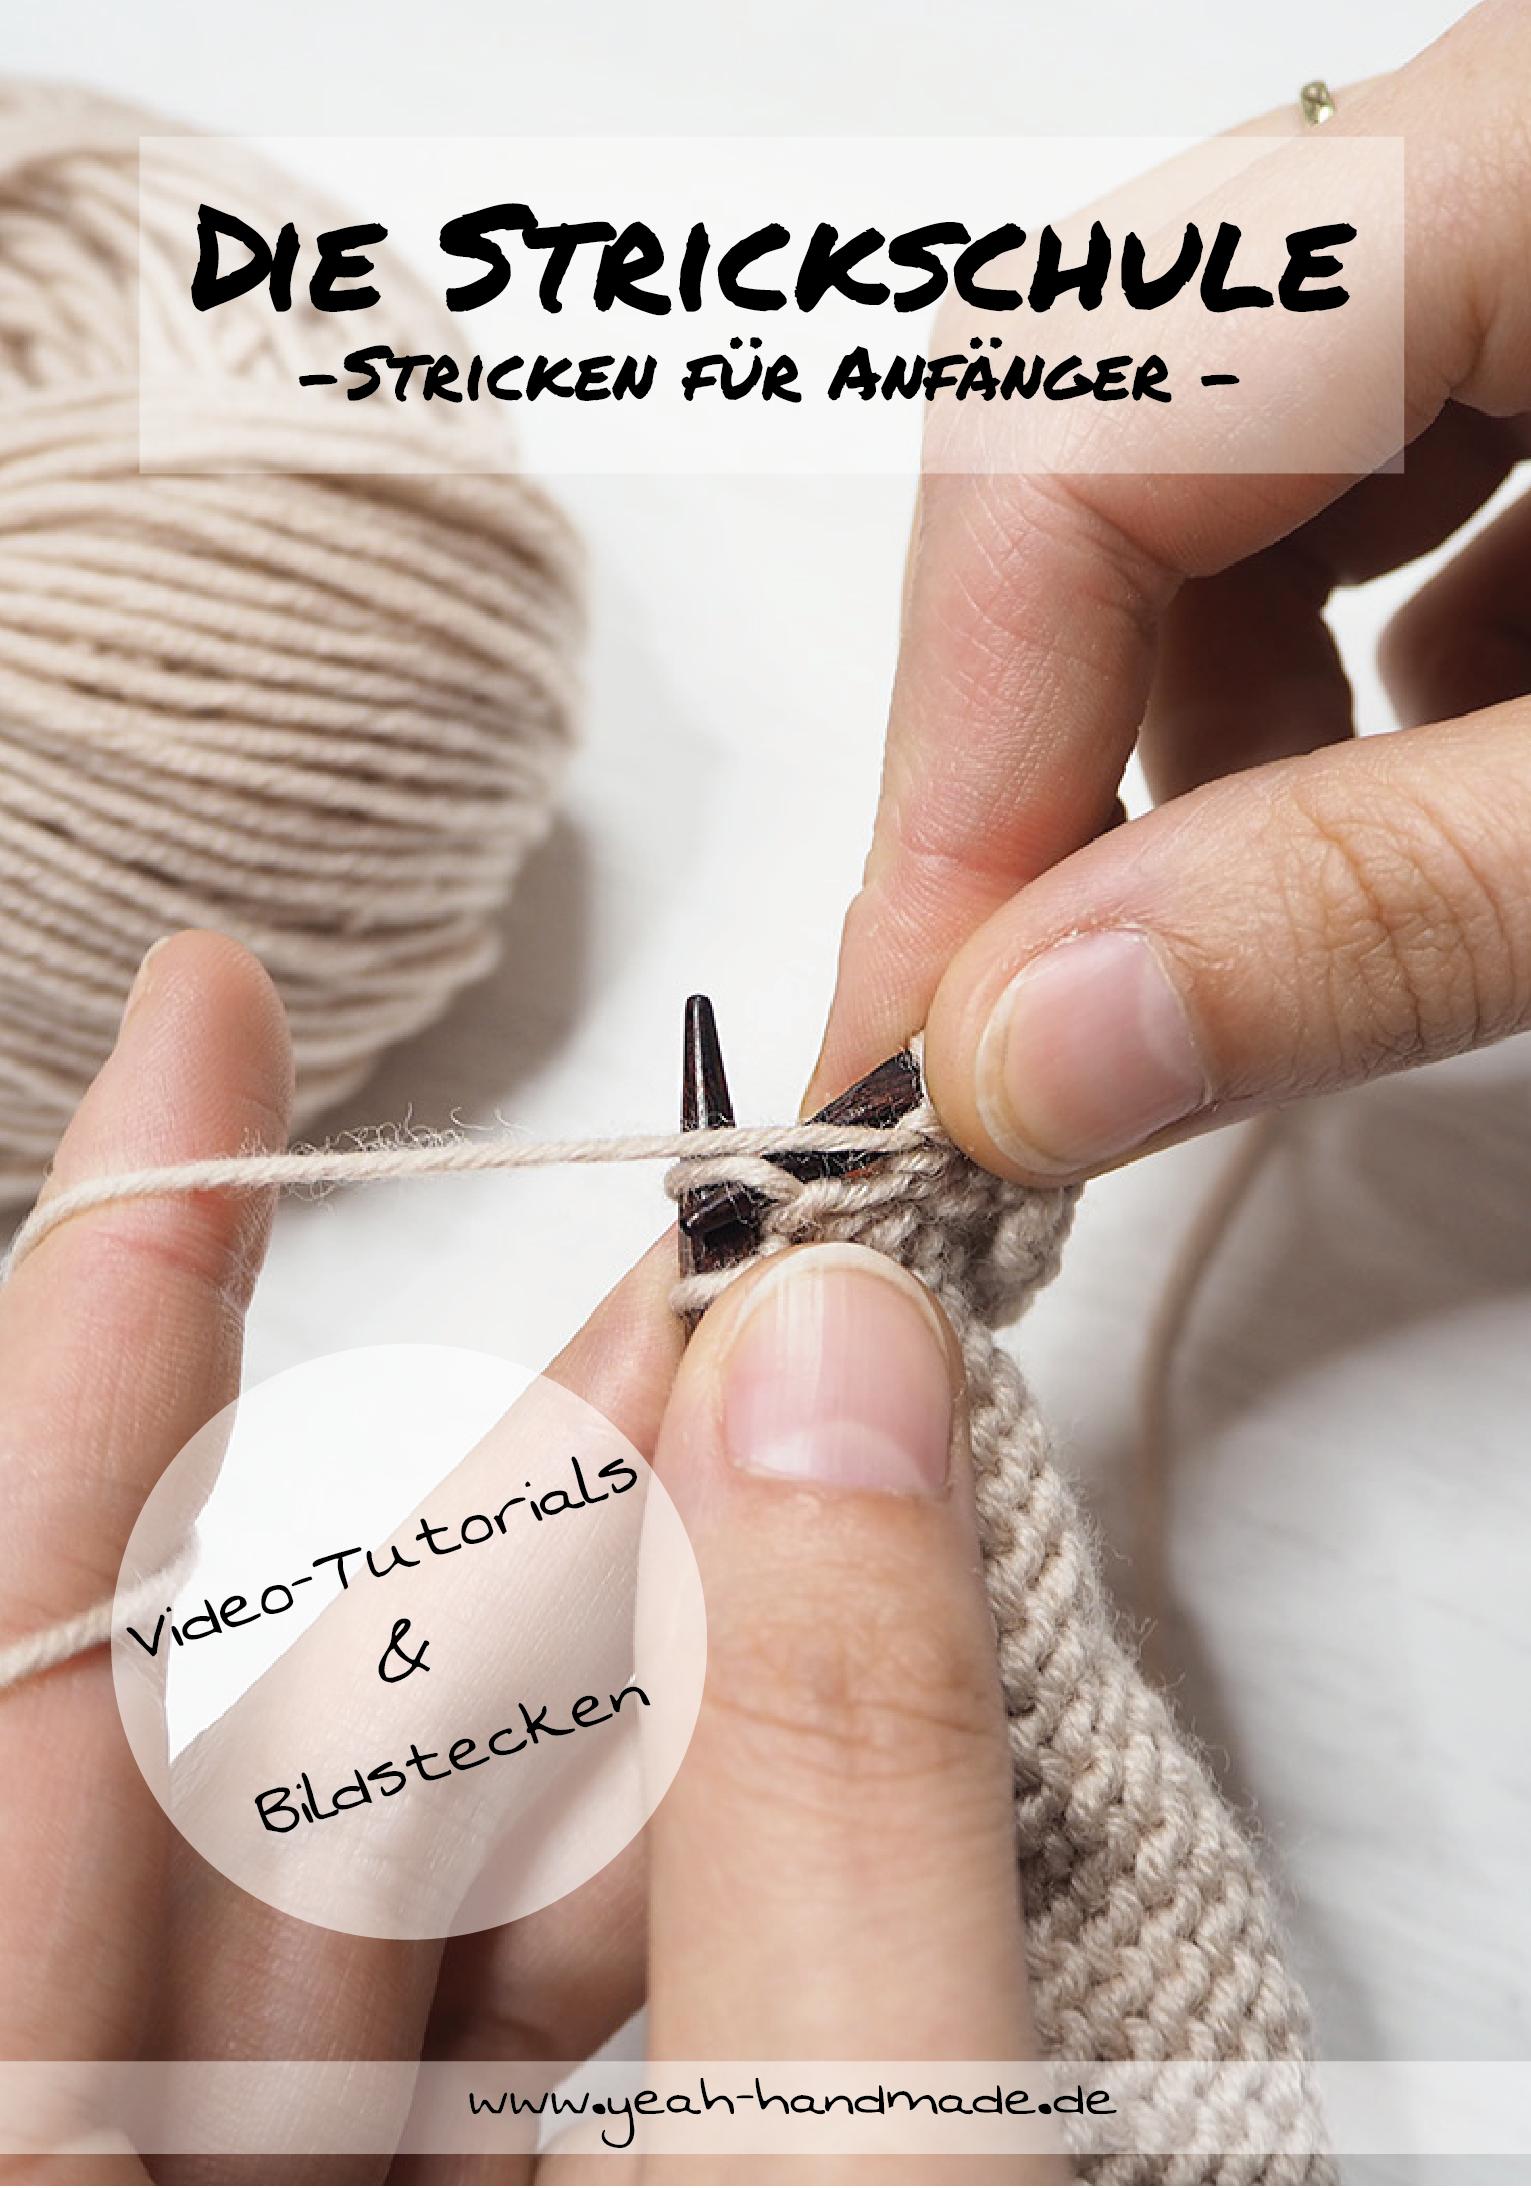 diy stricken fur anfanger du hast gerade erst mit dem stricken begonnen oder hast dir schon seit ewigkeiten vorgenommen mit dem sticken anzufangen